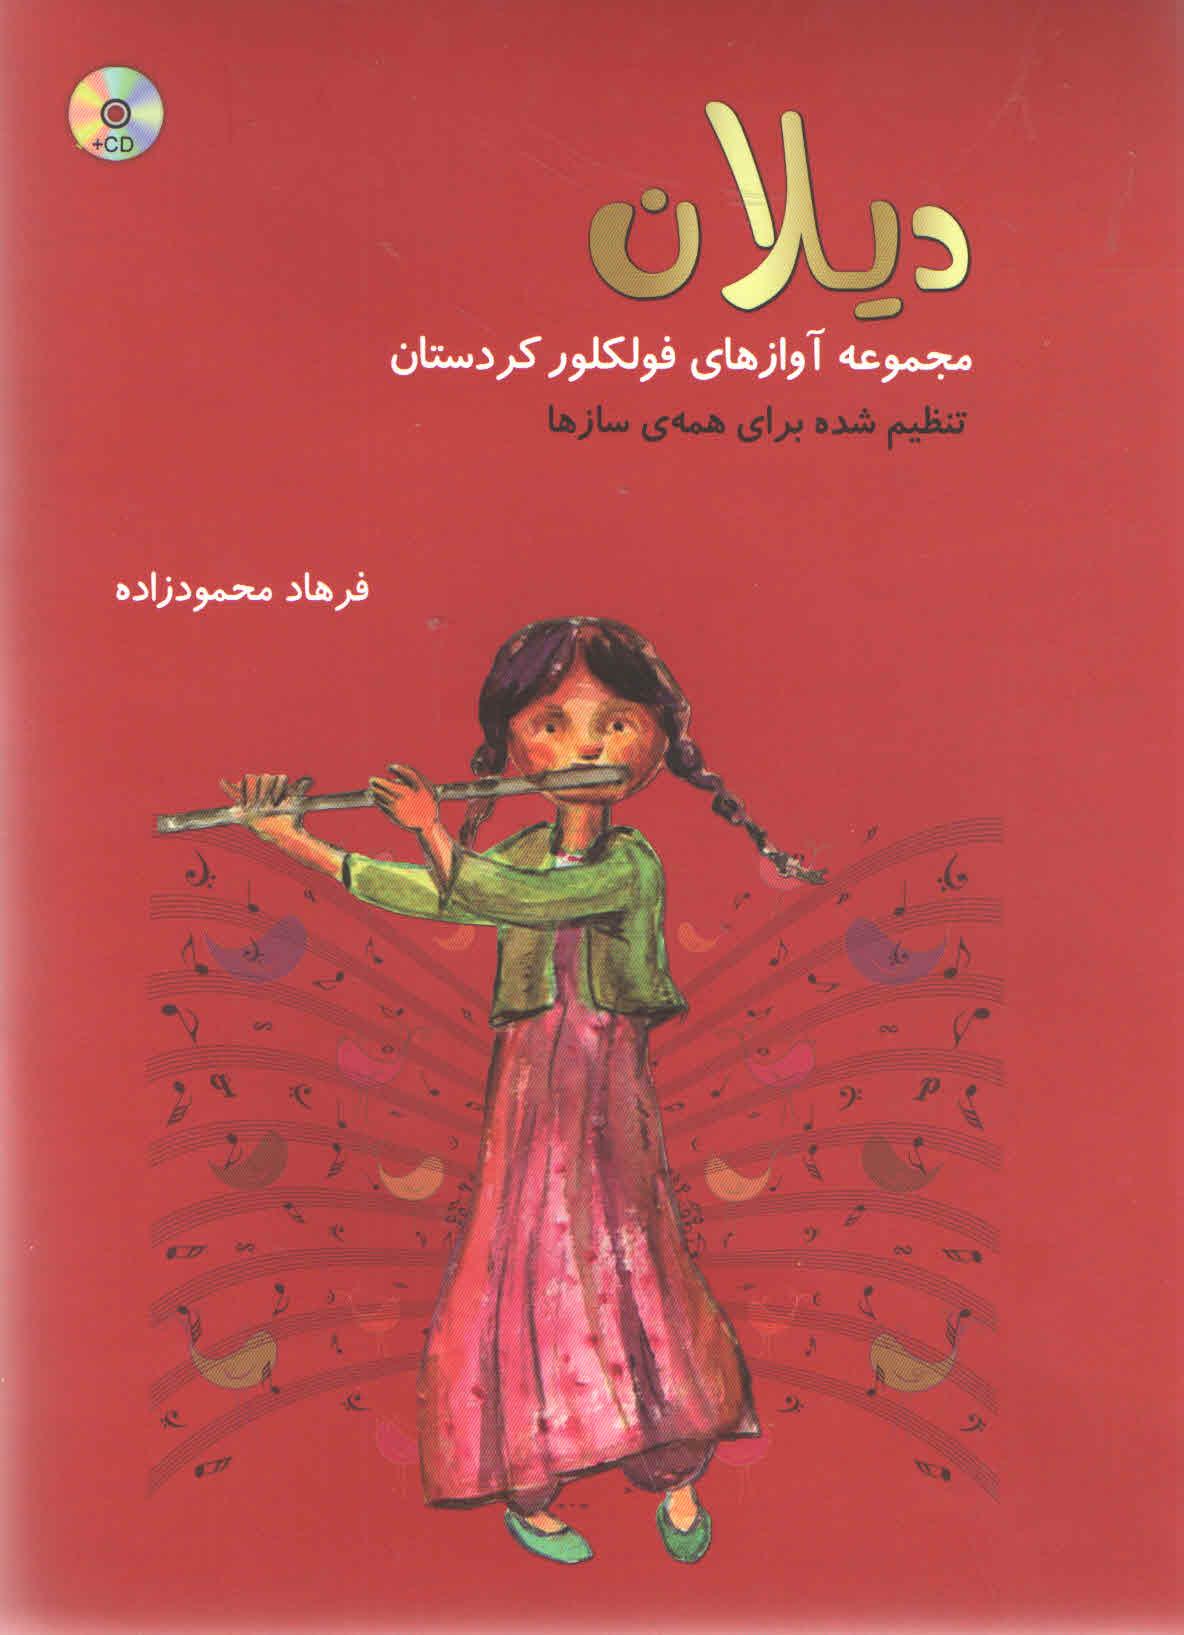 دیلان- آوازهای فولکور کردستان- فرهاد محمود زاده